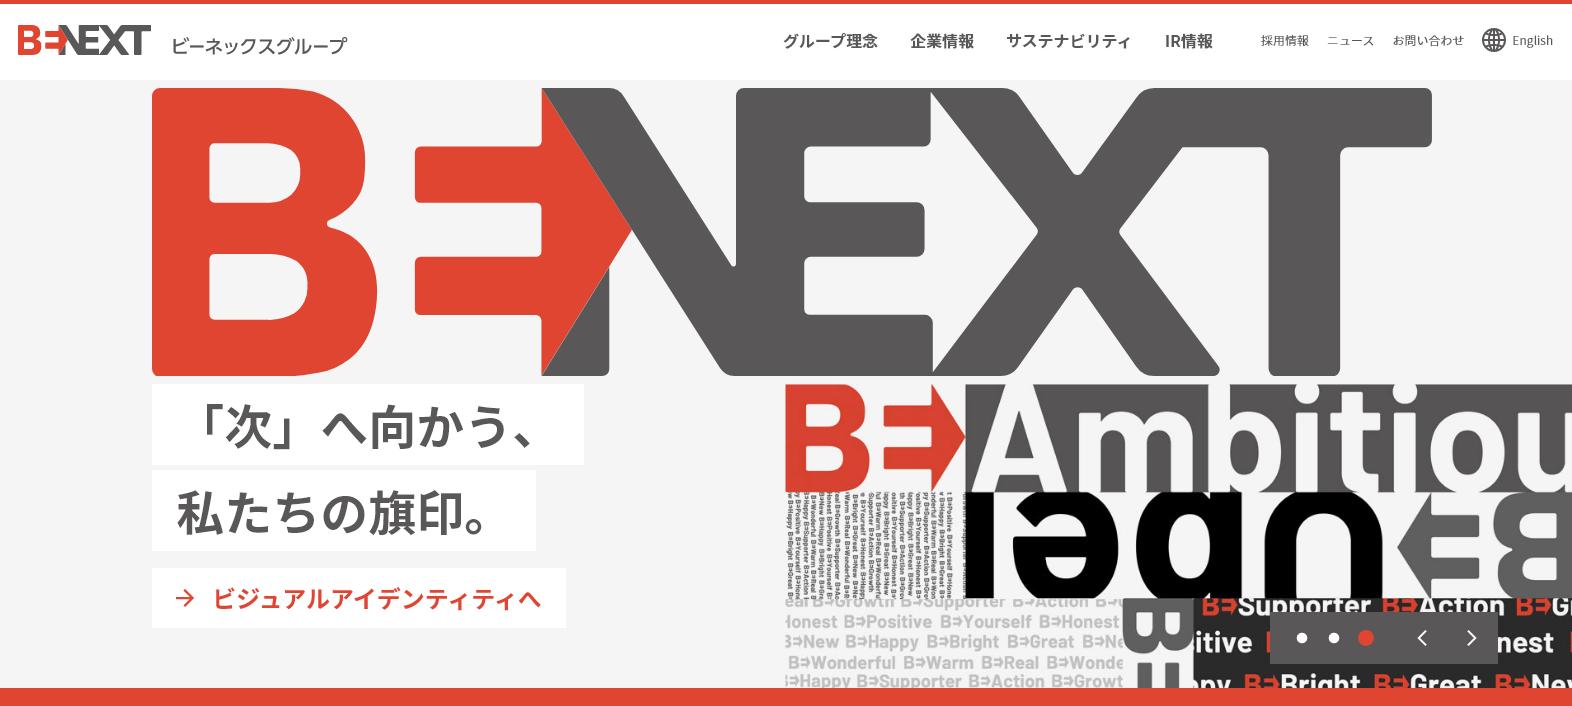 派遣のビーネックスグループ、3万円のコロナ対策特別手当を1万人以上に支給